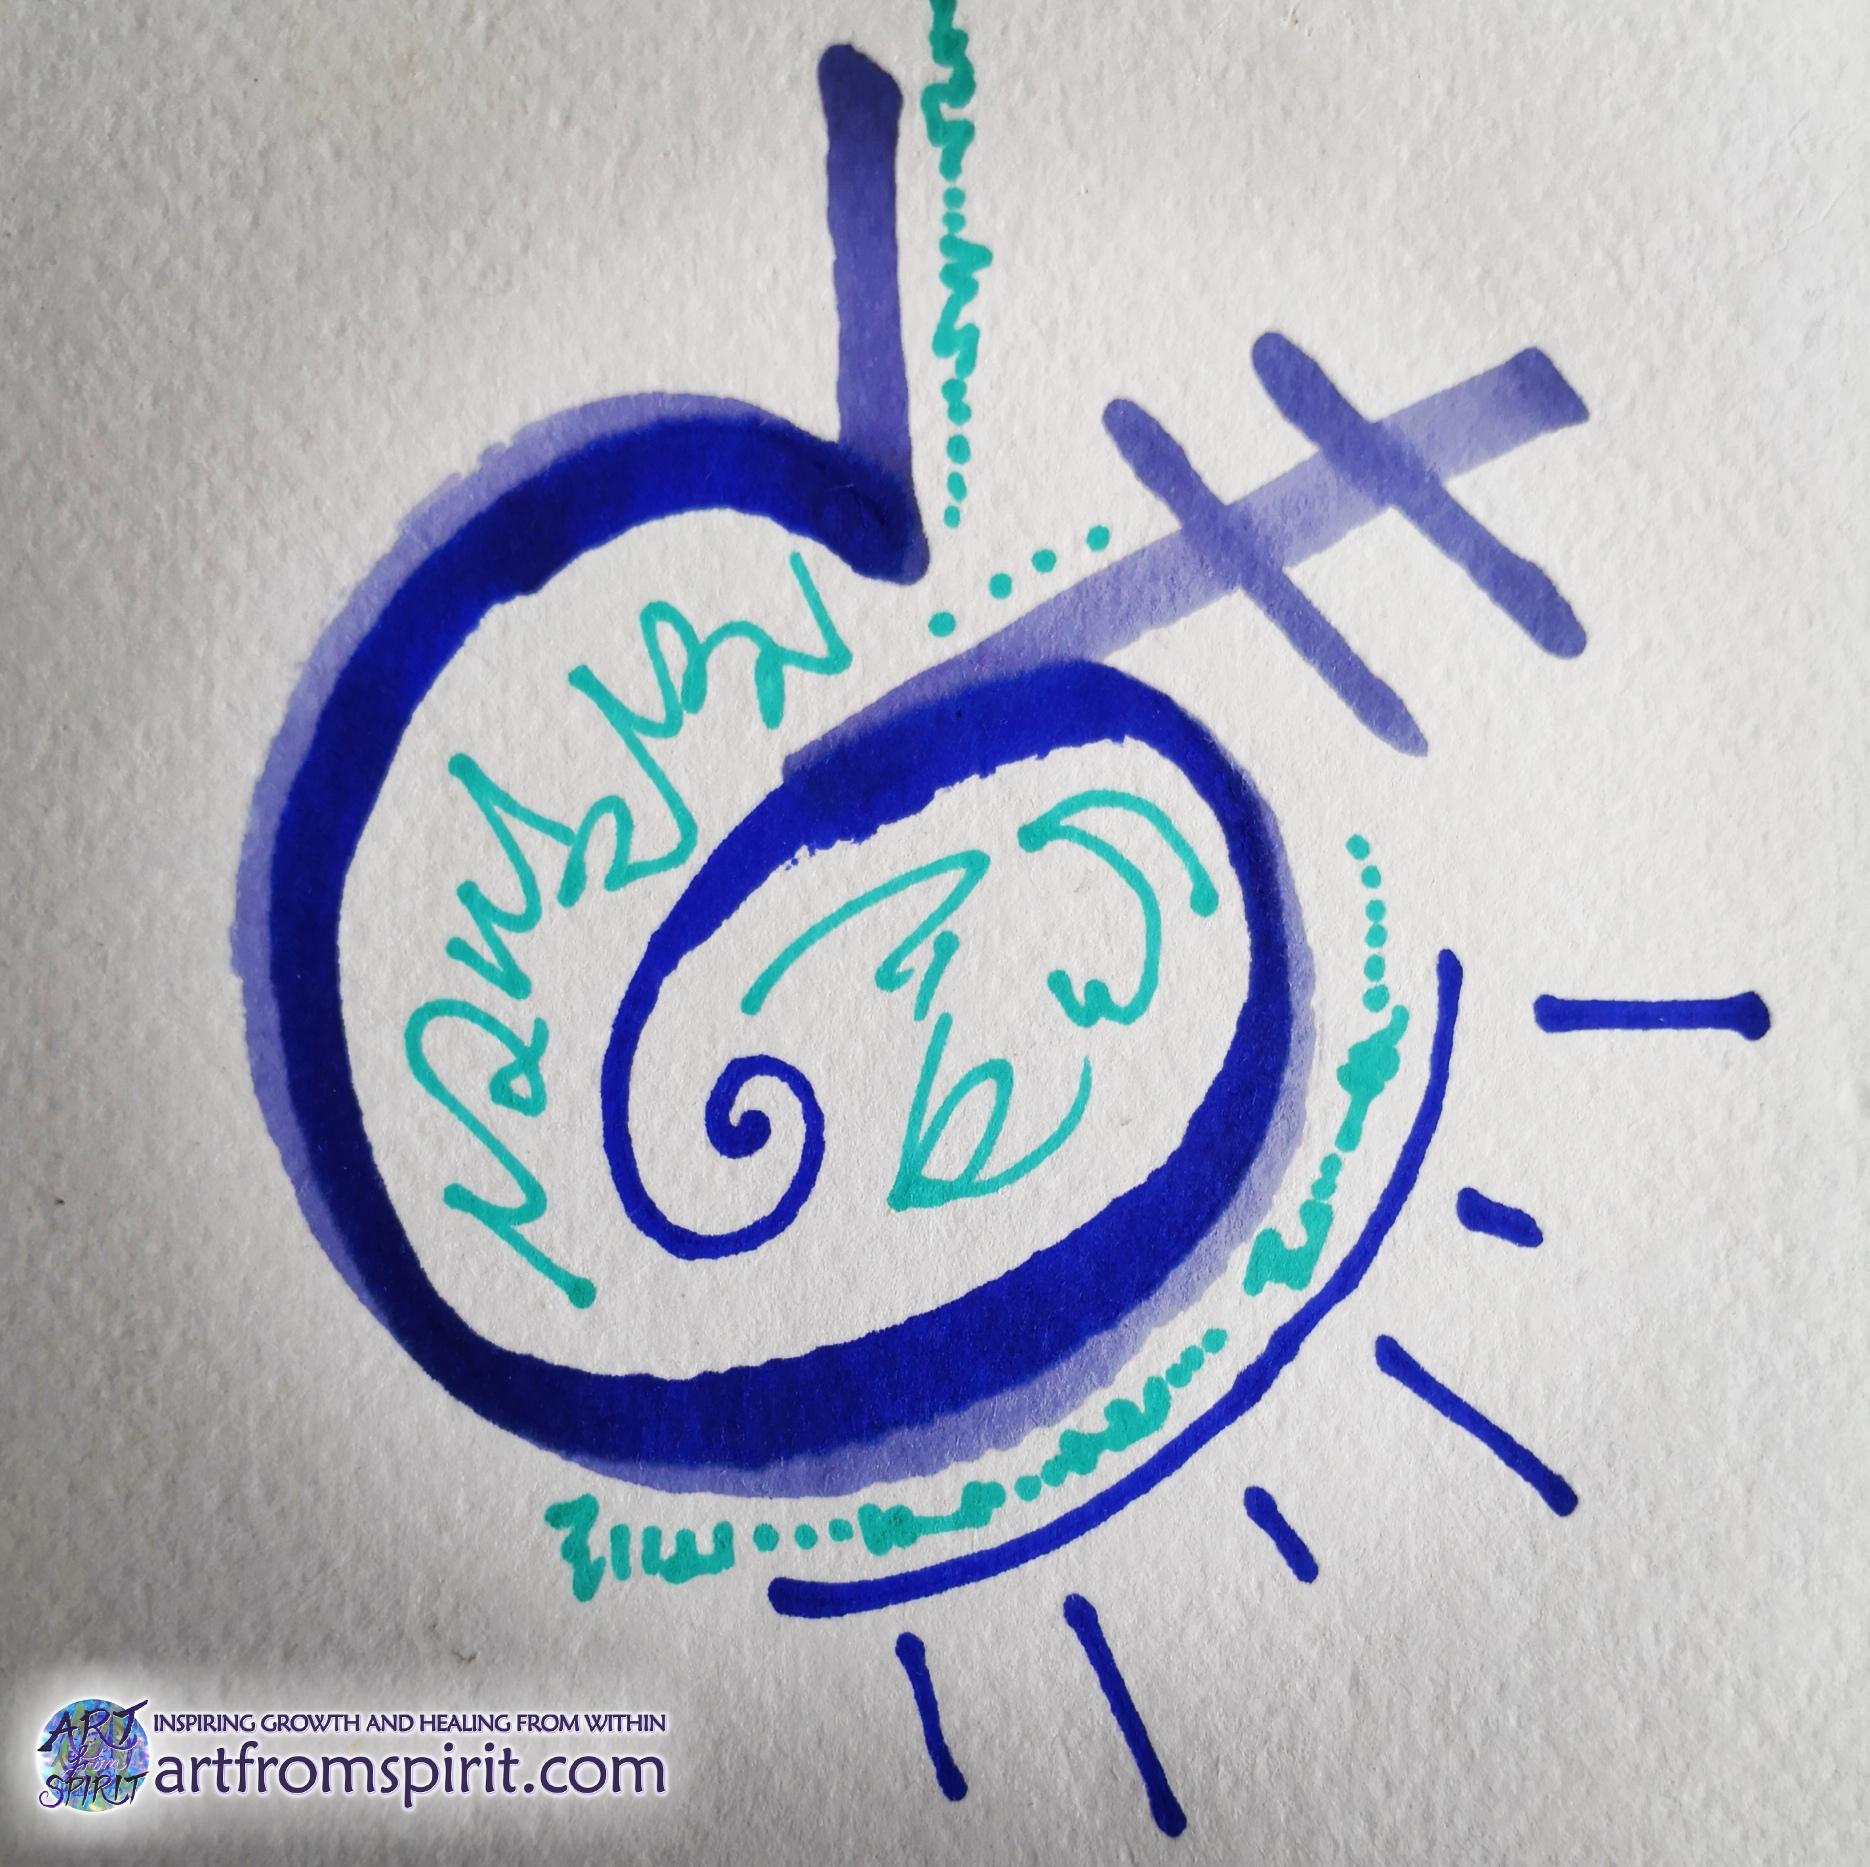 art-from-spirit-channeled-script-tegan-neville-22042019.jpg